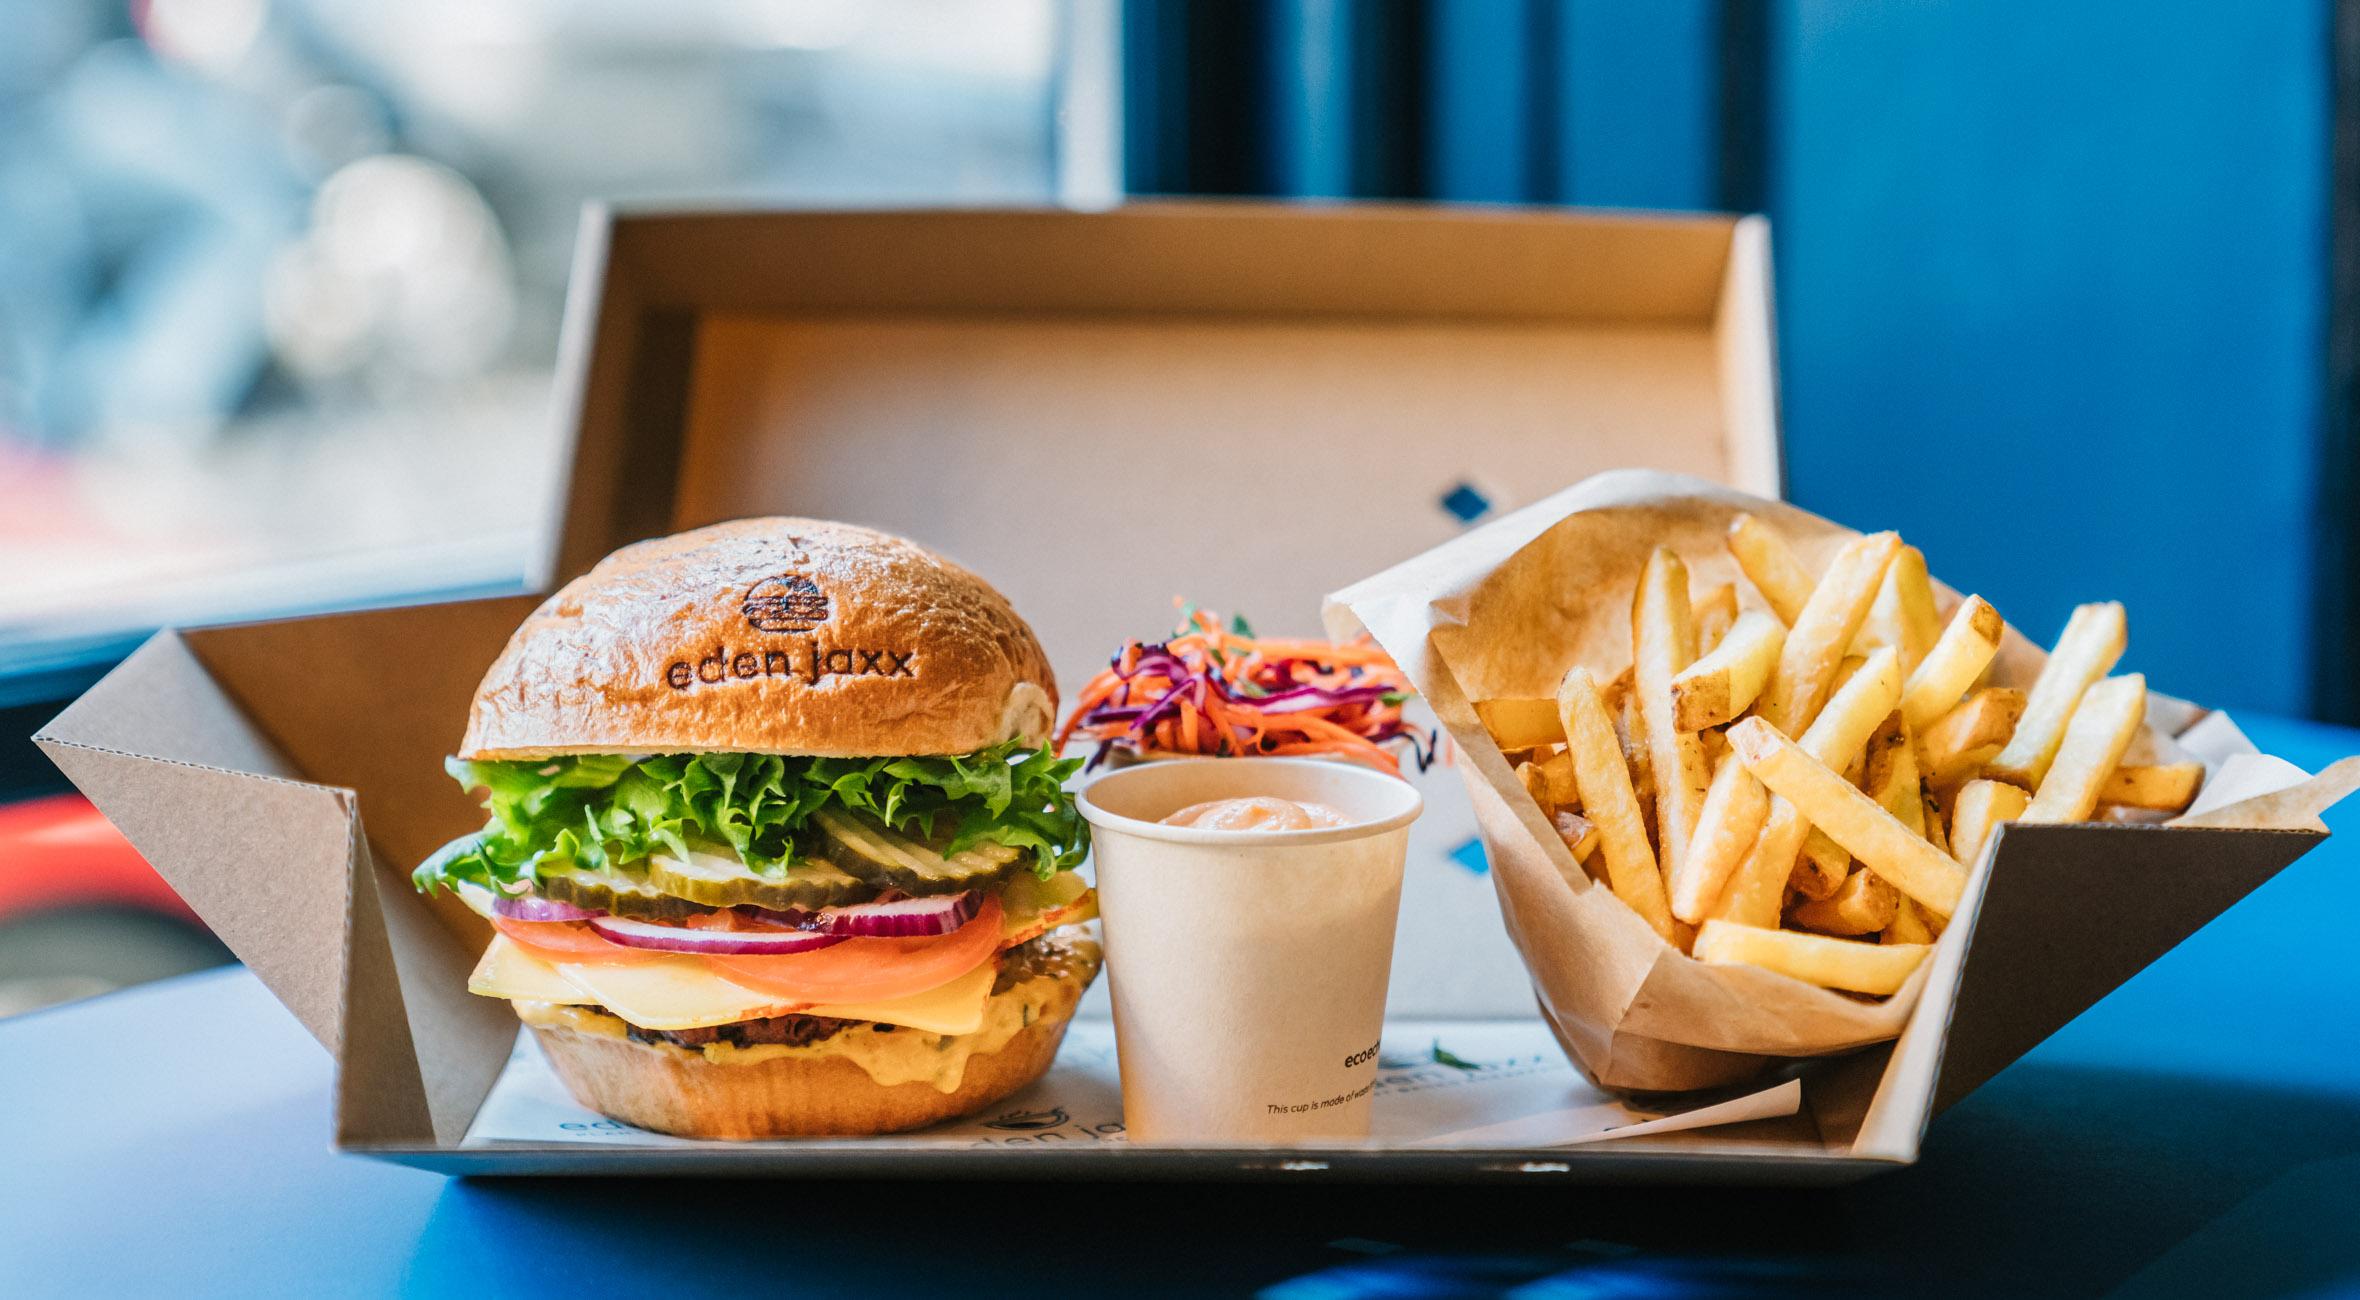 2 burgermenuer hos Eden Jaxx på Østerbro – Vegansk burgerbar indtager madanmelders liste over byens bedste burgere